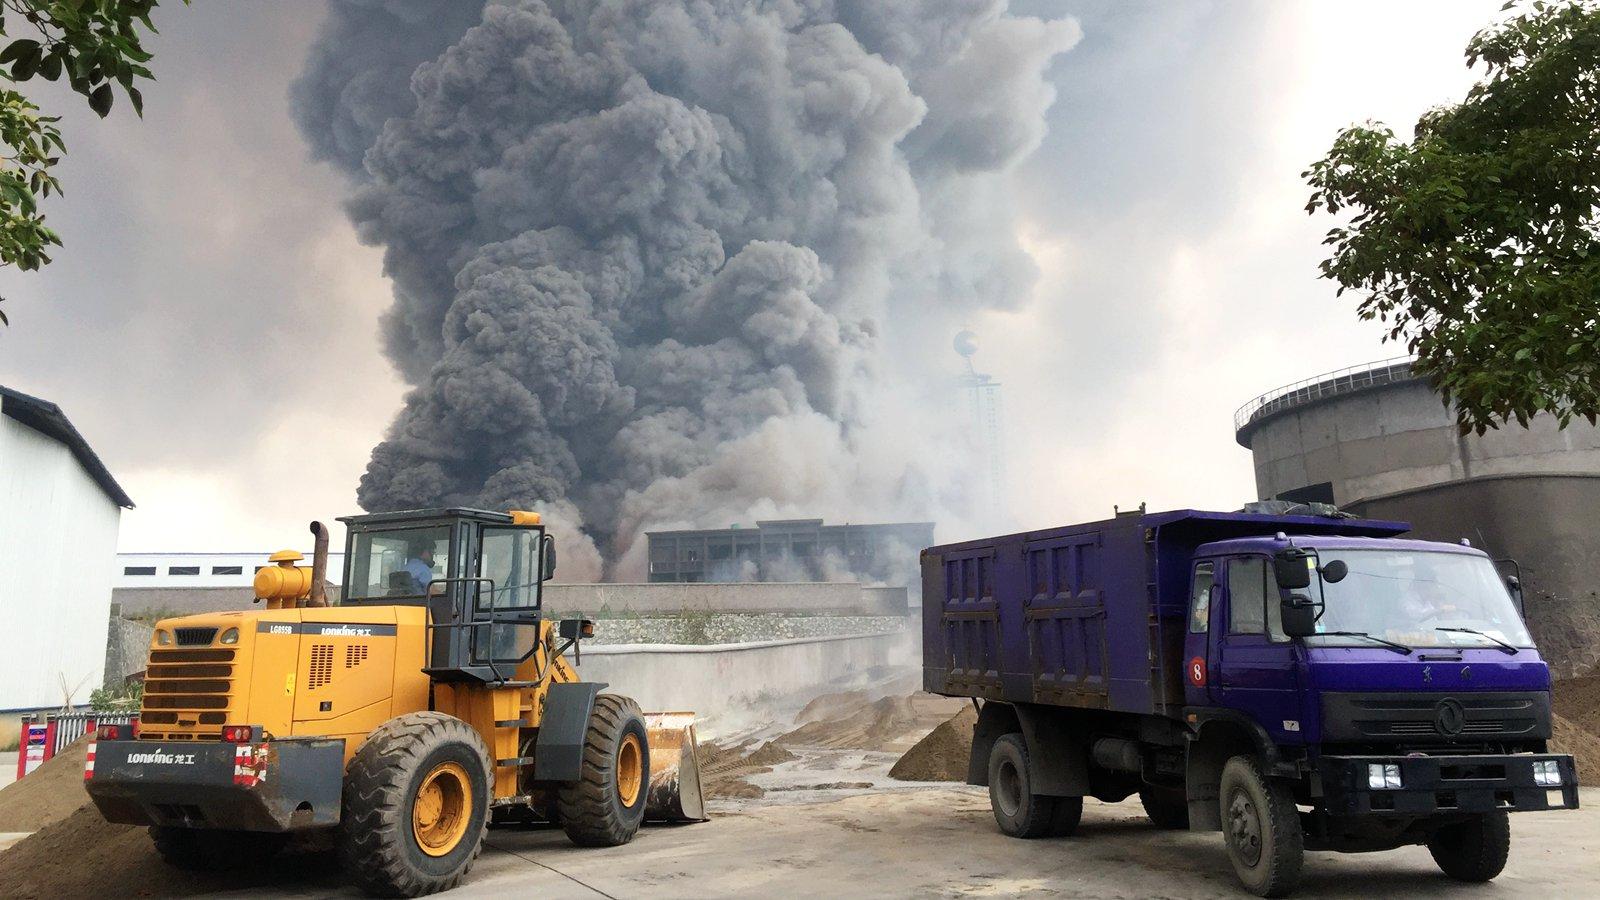 湖北一化工厂发生火灾 巨大黑烟柱宛如蘑菇云